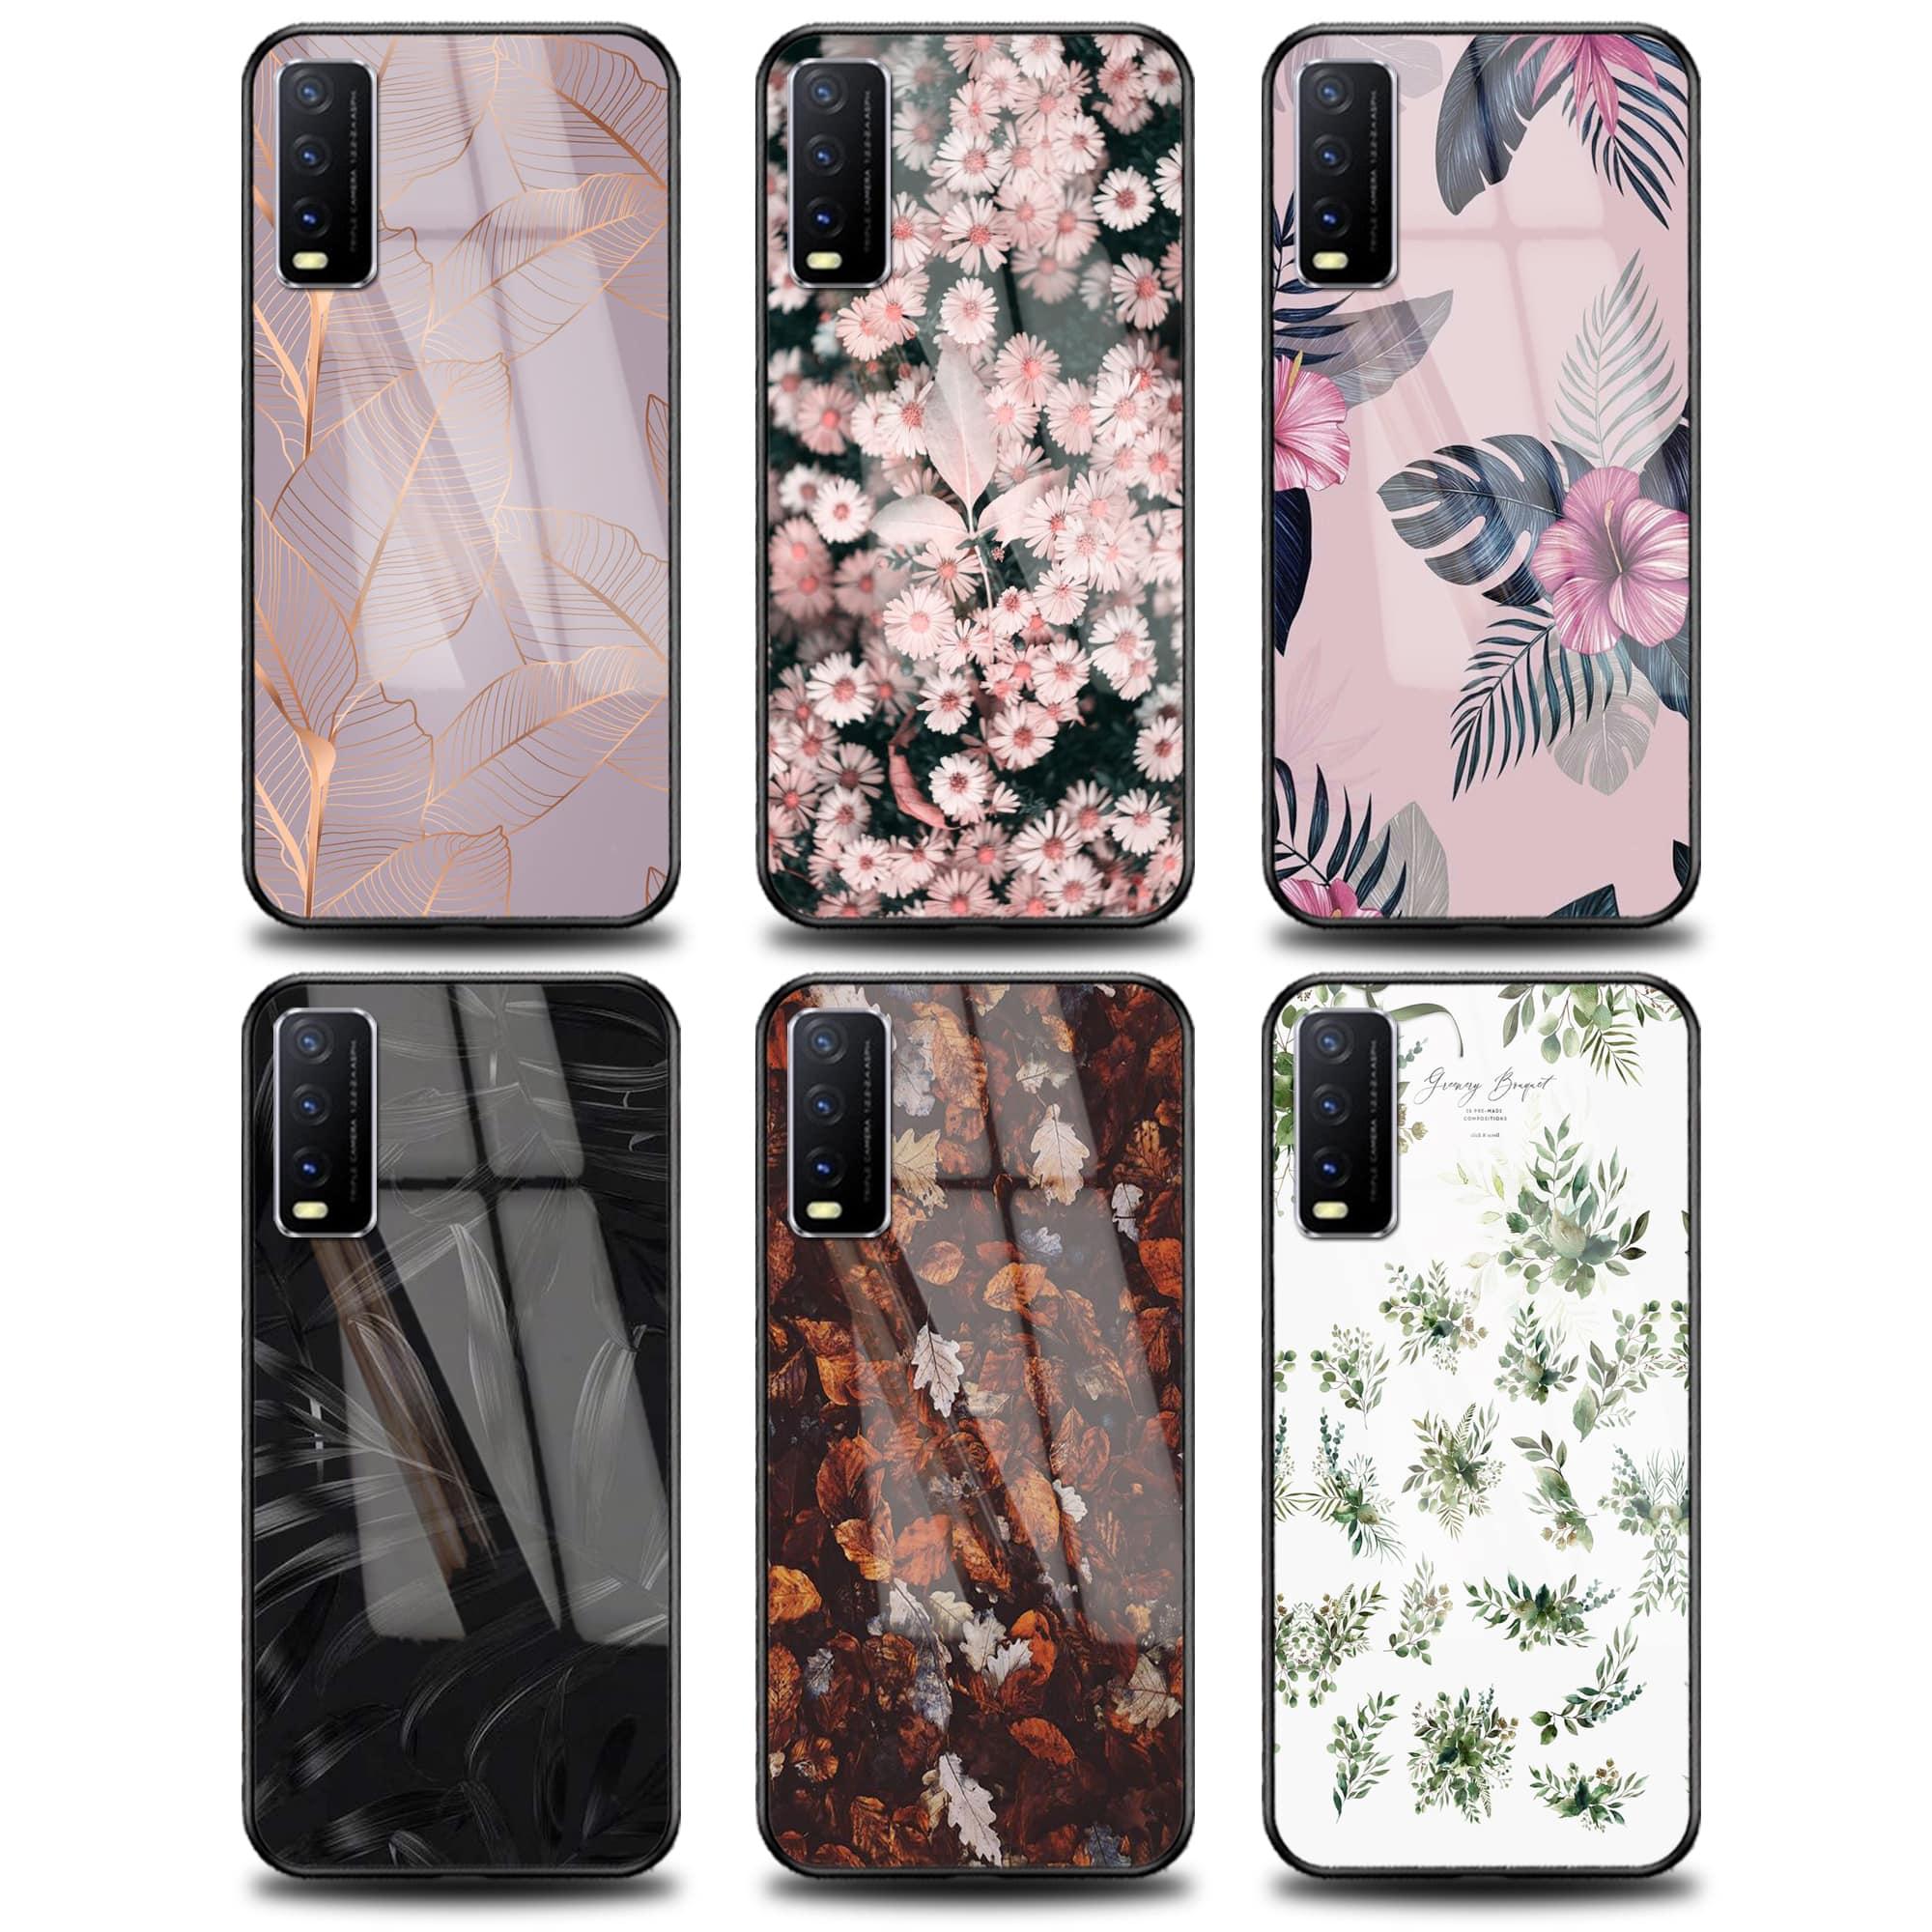 Custom Softcase Glass Kaca Aesthetic Vivo Y20 Y20i Y20s 2020 Ic46 Case Vivo Y20 Casing Hp Case Hp Case Vivo Y20 Terbaru Case Vivo Terbaru